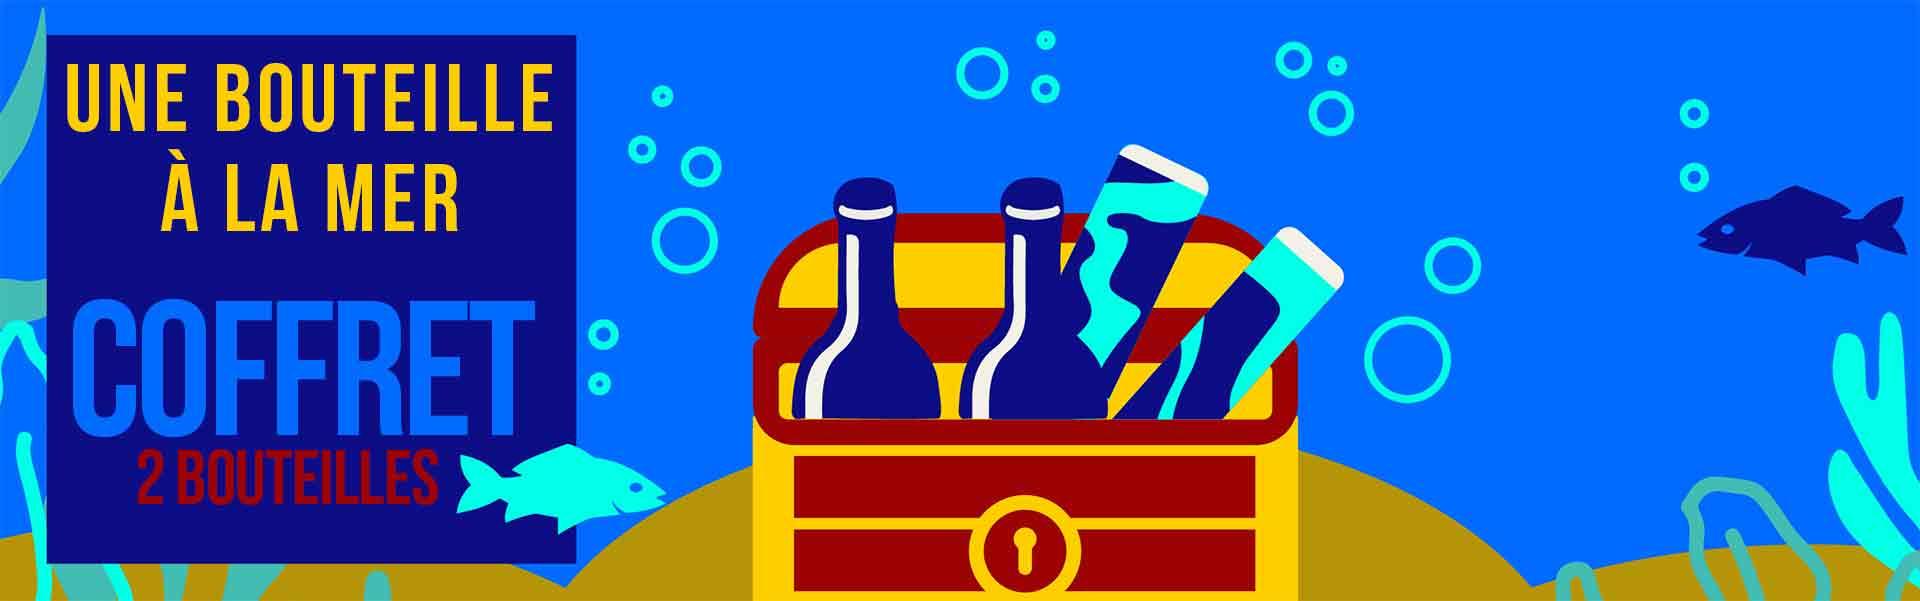 Coffret 2 bouteilles - Vin vieill sous la mer